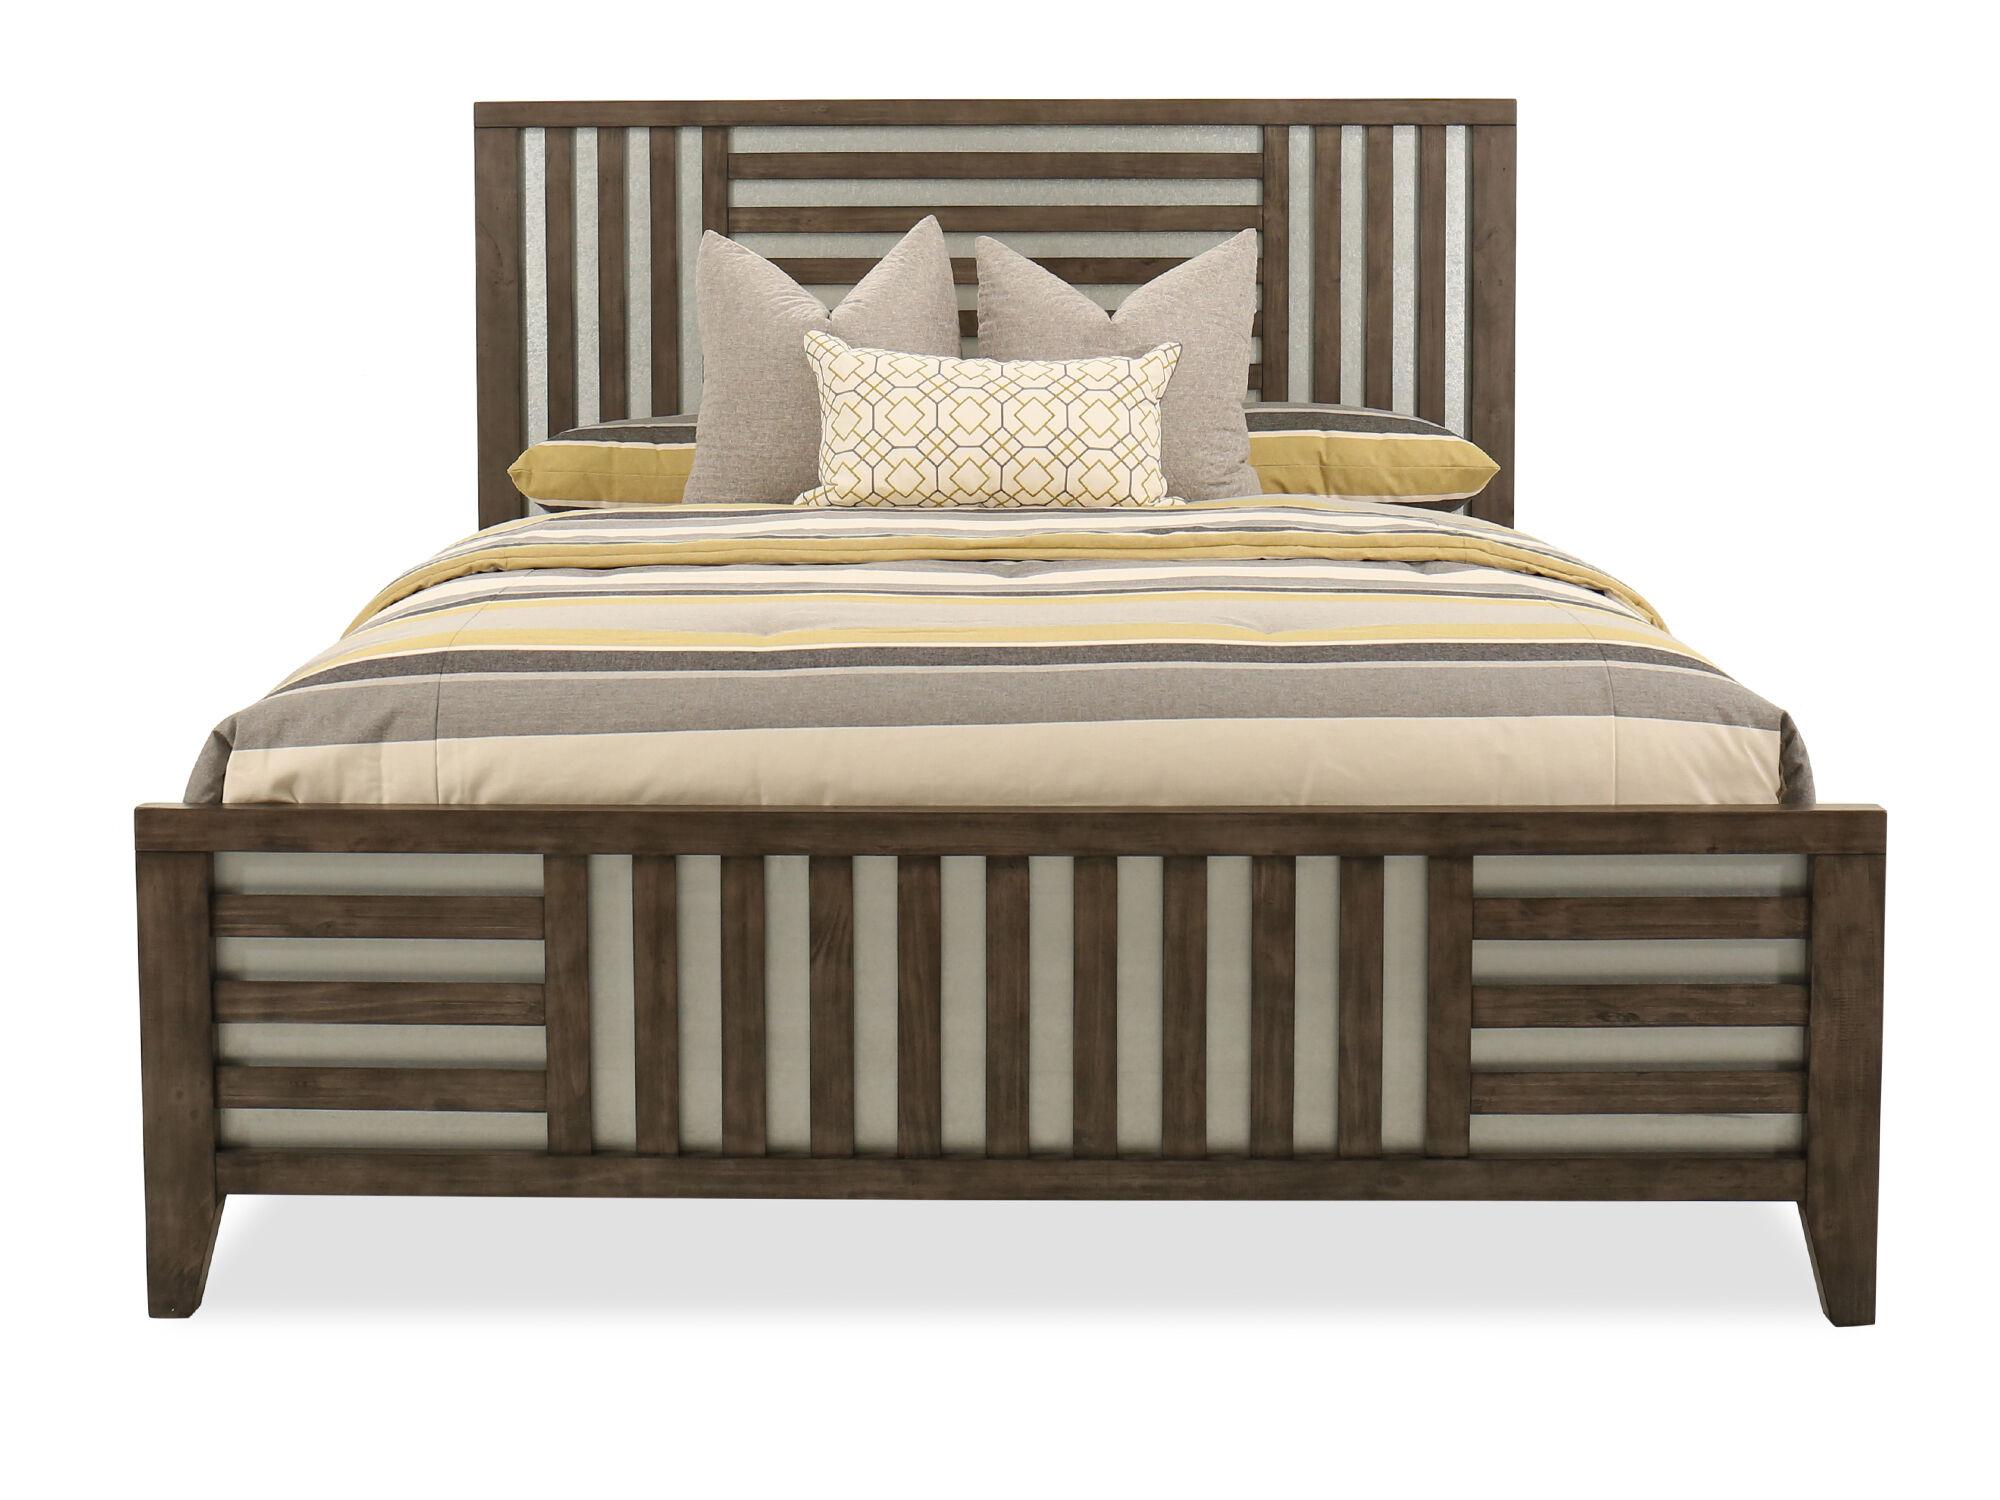 62u0026quot; Lattice Framed Queen Bed In ...